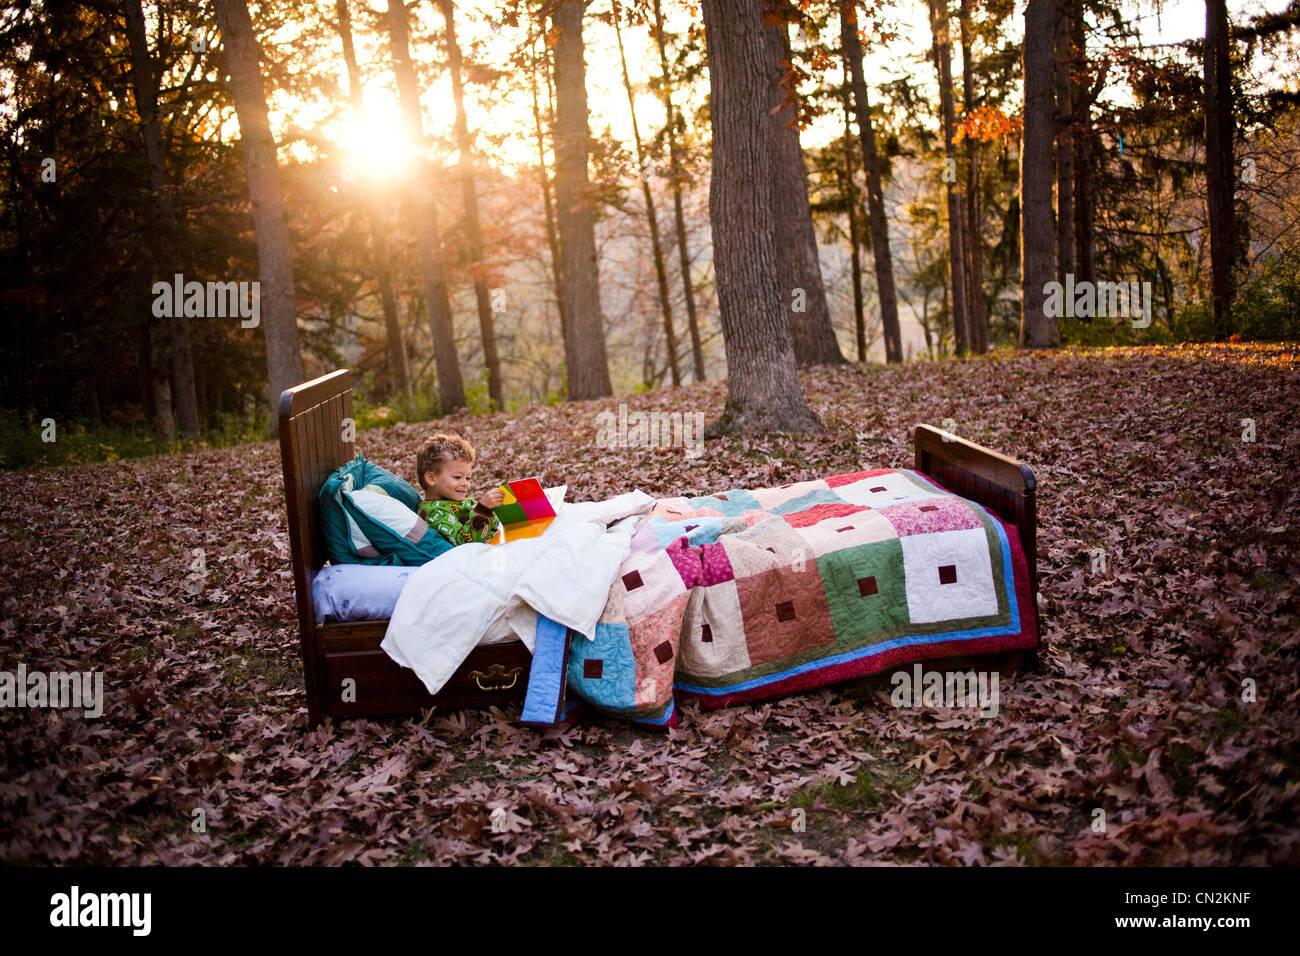 Jeune garçon au lit dans la forêt Photo Stock